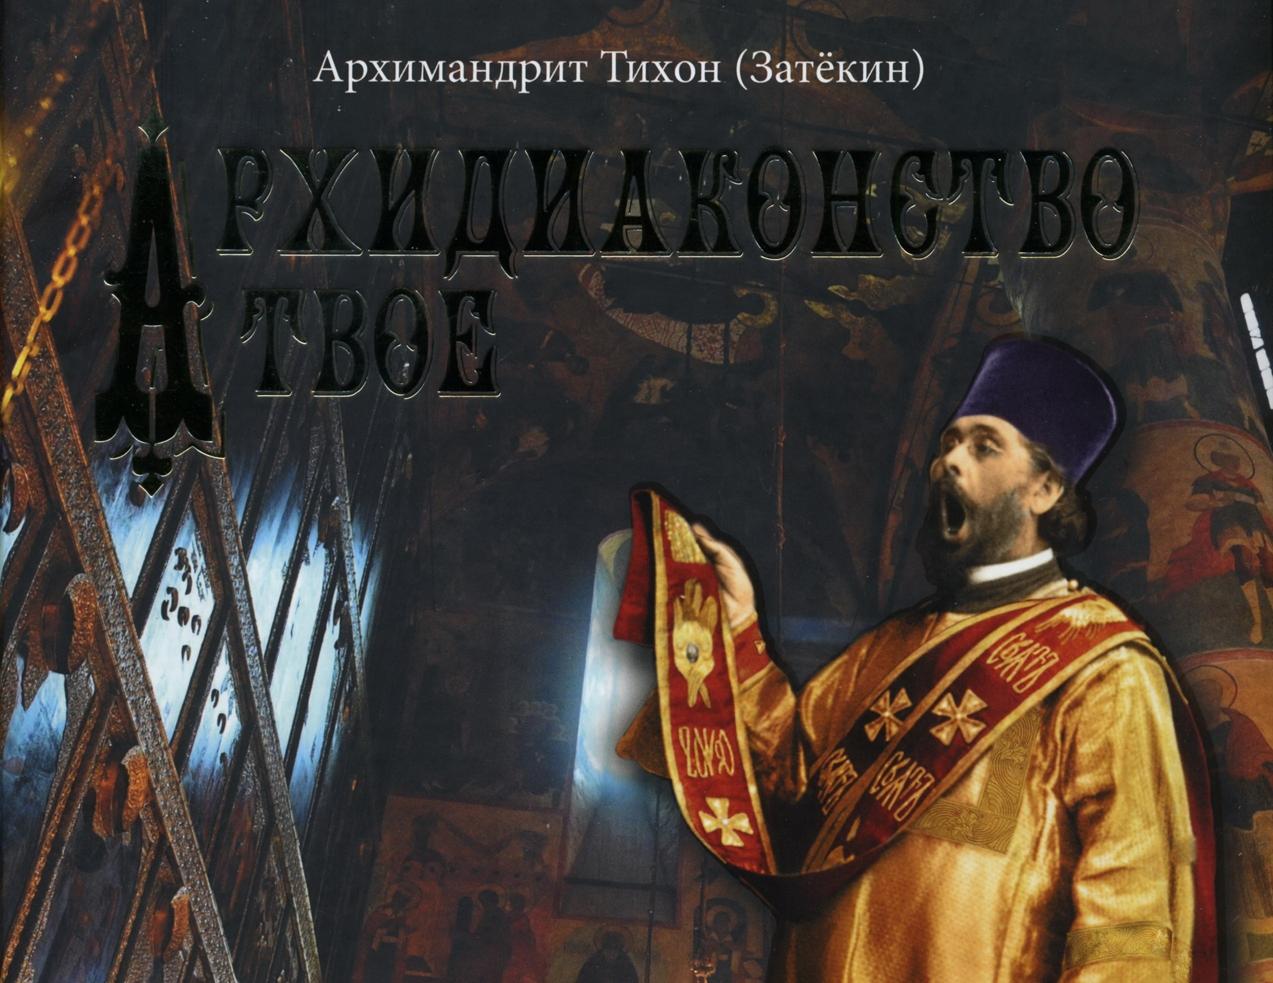 Издательский отдел Нижегородской епархии выпустил новую книгу о Великом архидиаконе Константине Розове